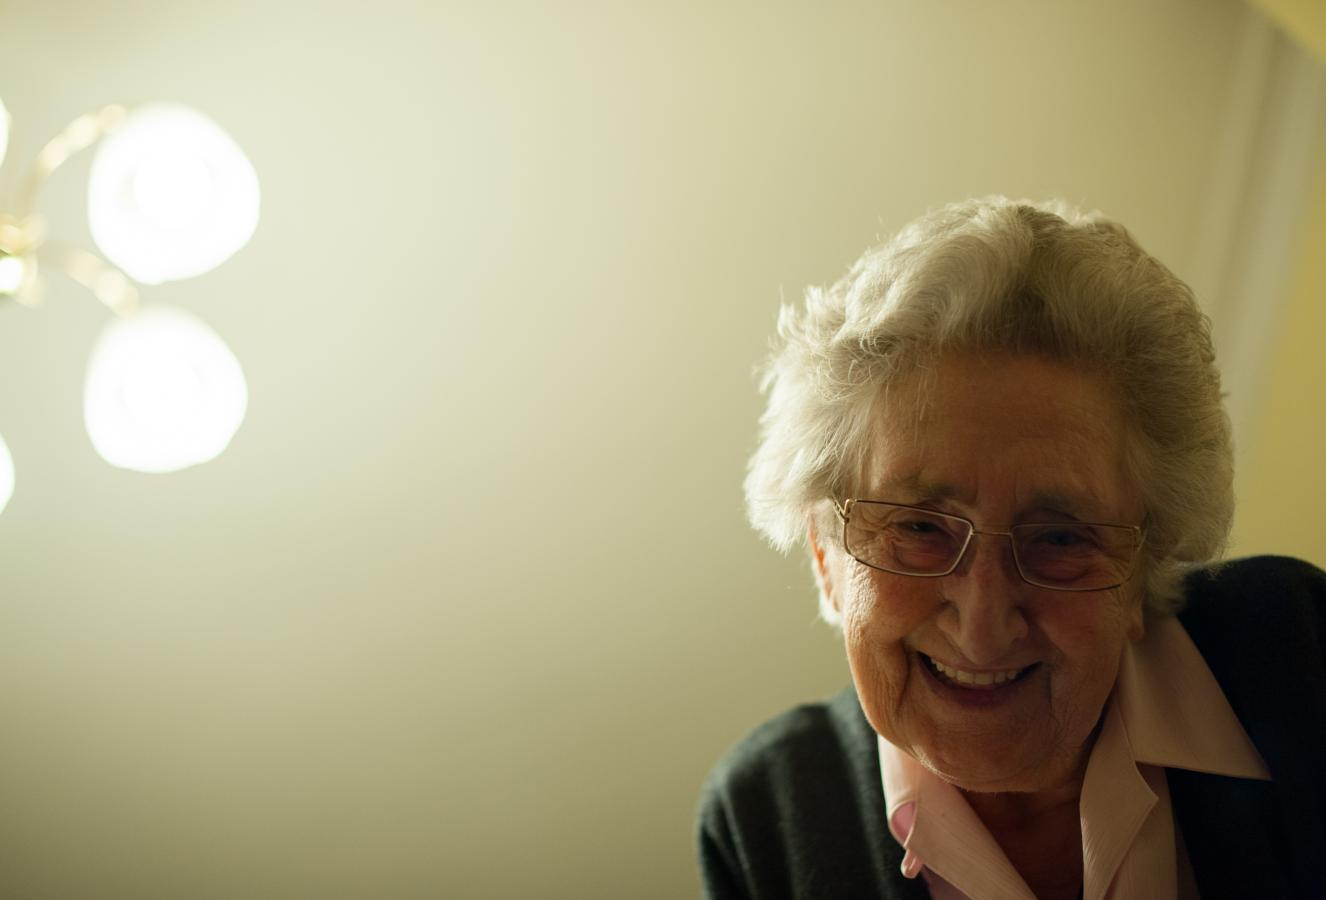 mom-looking-at-billie-antwerpen-2012